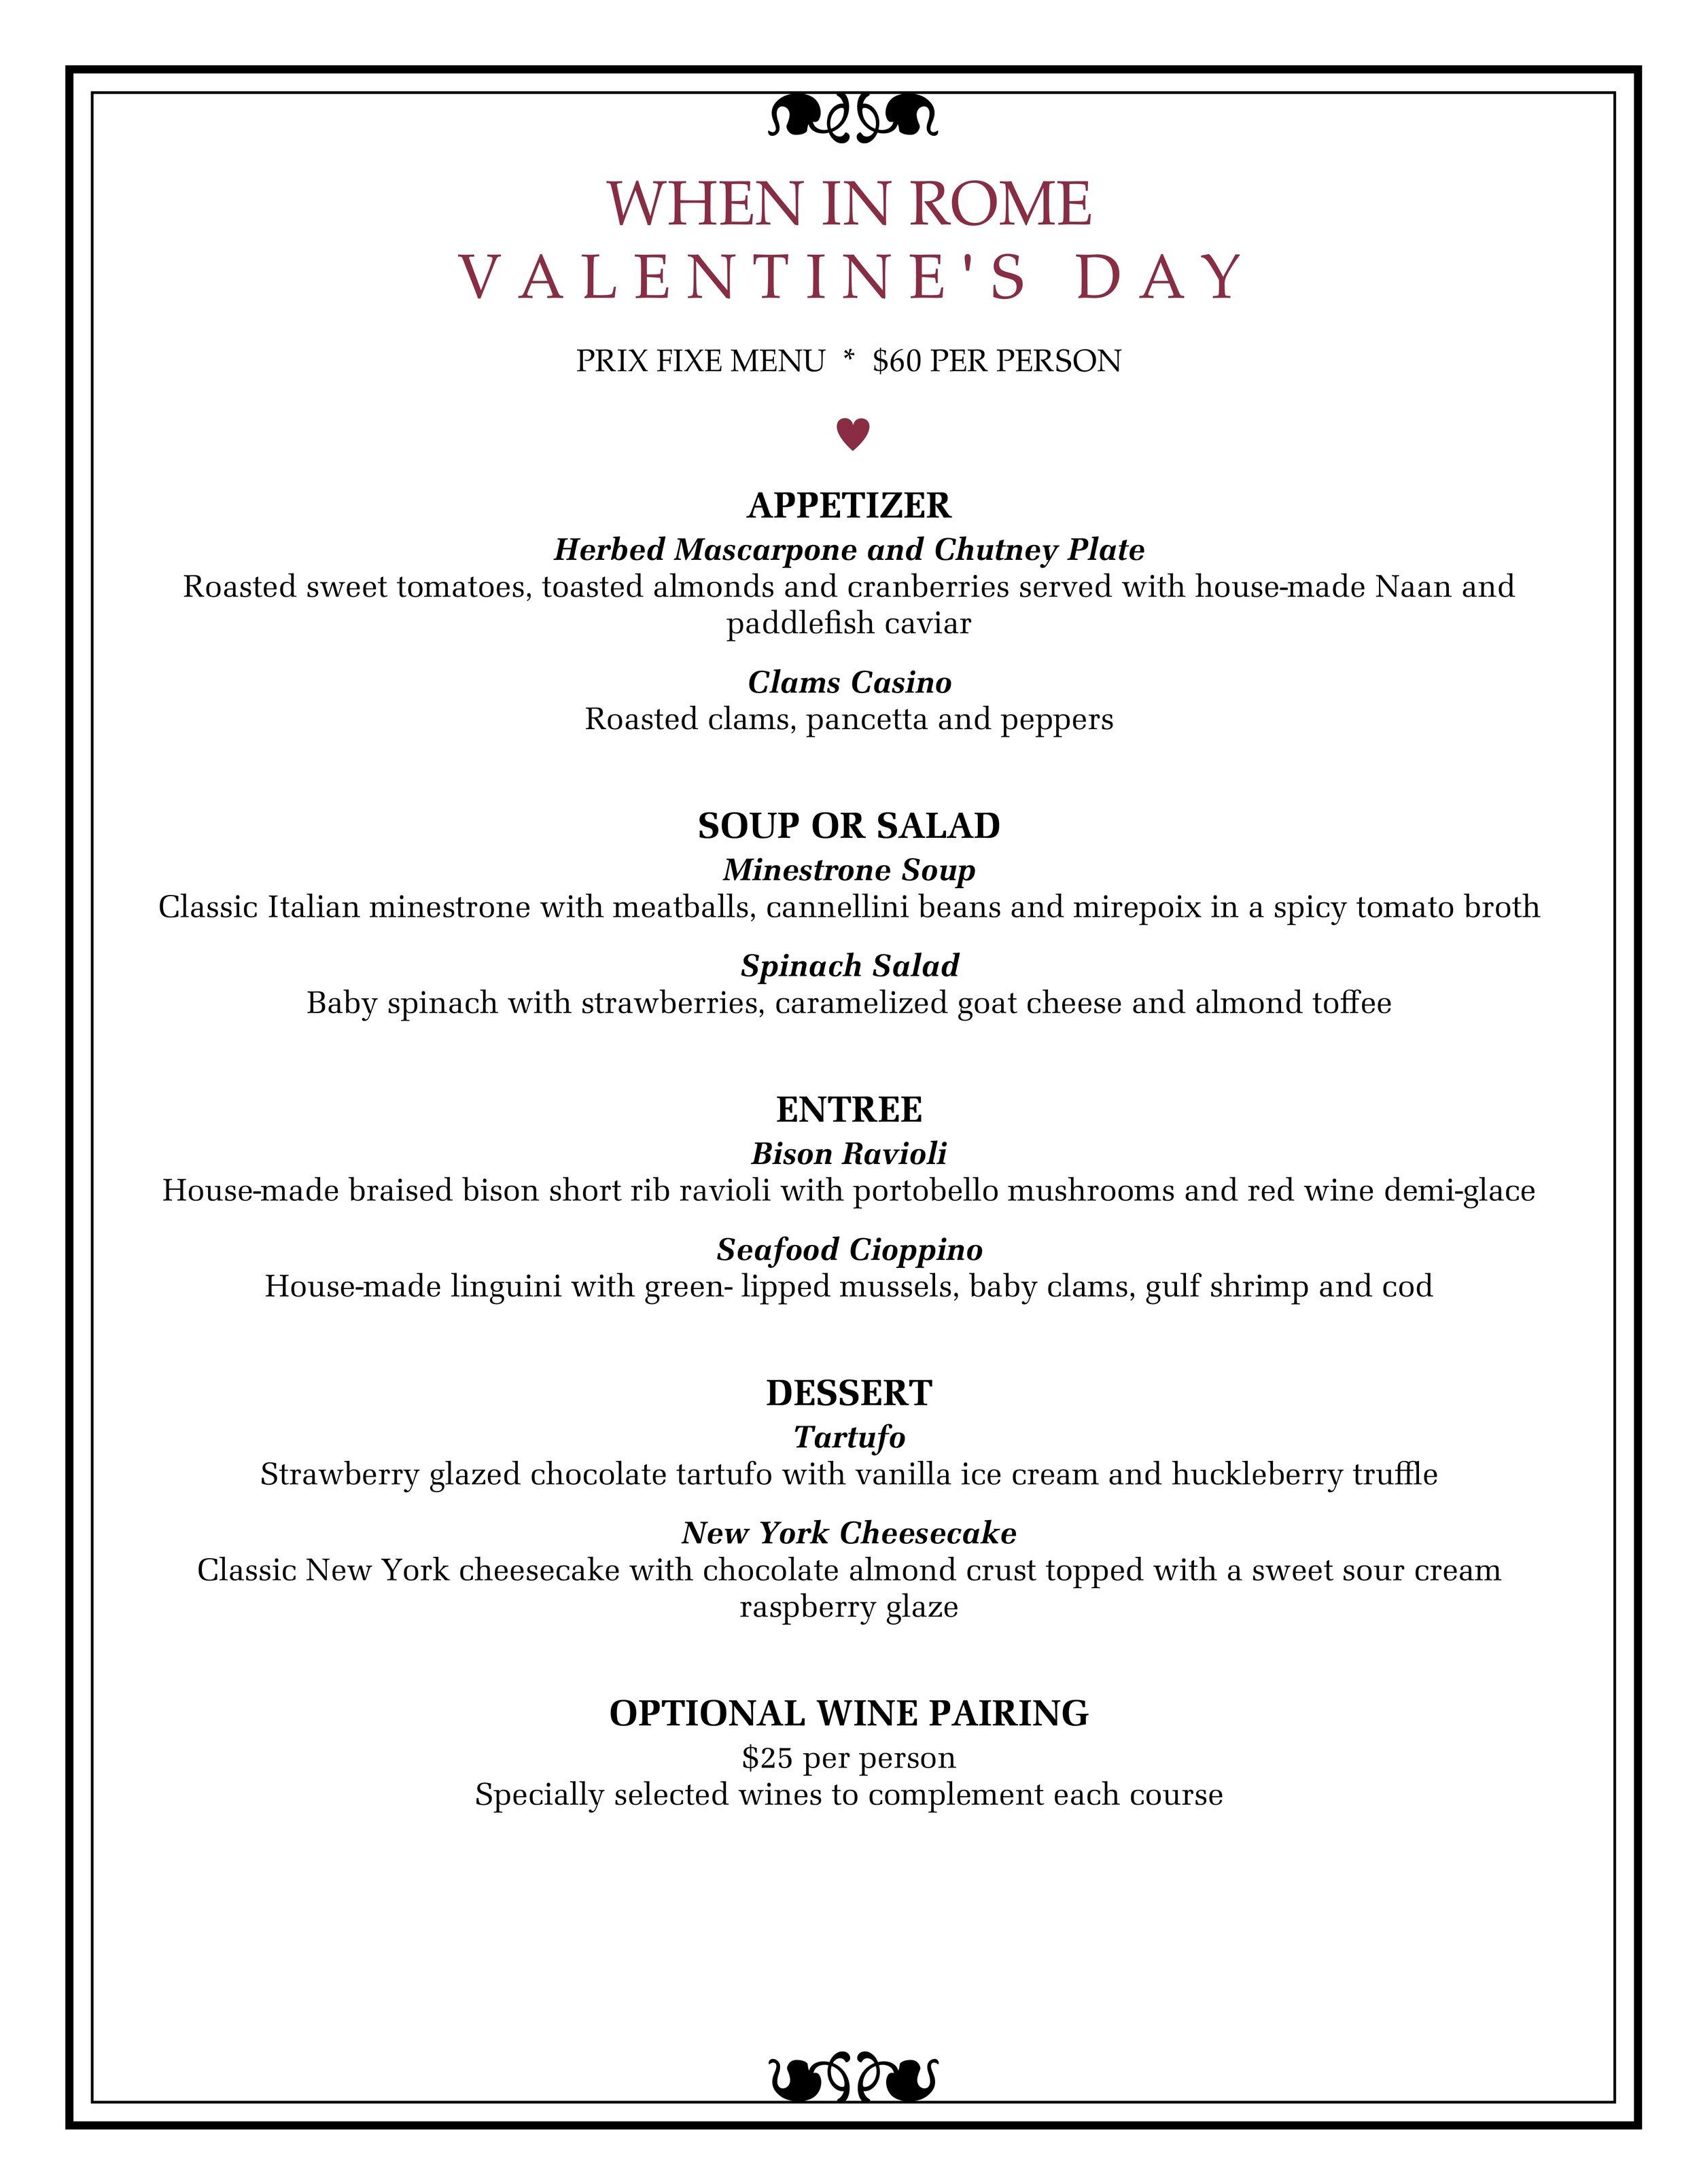 Valentines Day 2019 v.3.jpg